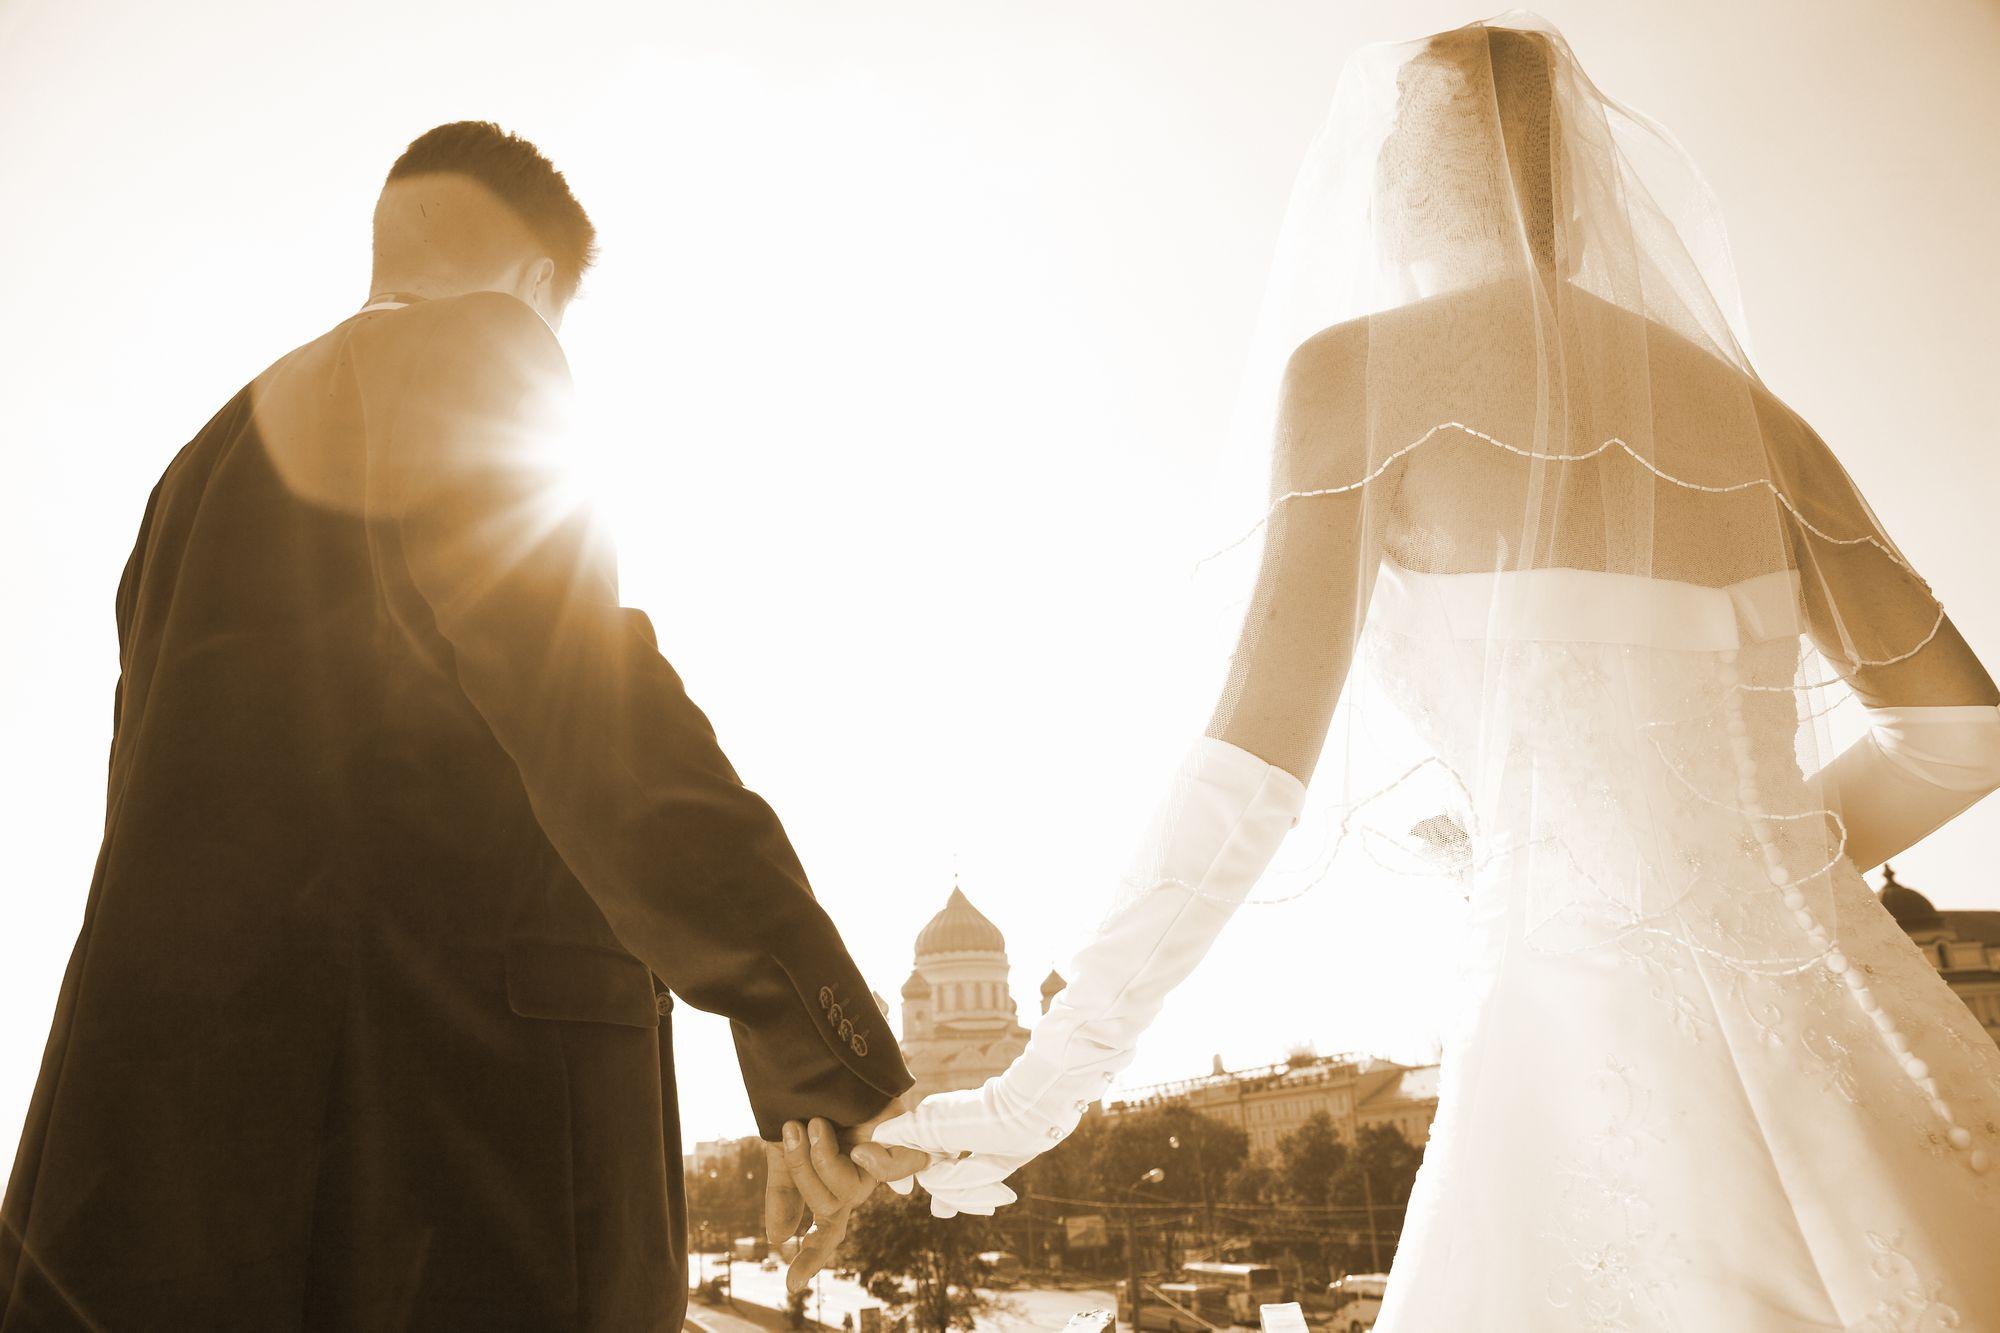 水晶玉子の不倫占い|結婚したいなんて言ったら困る…?怖いけど確認したい